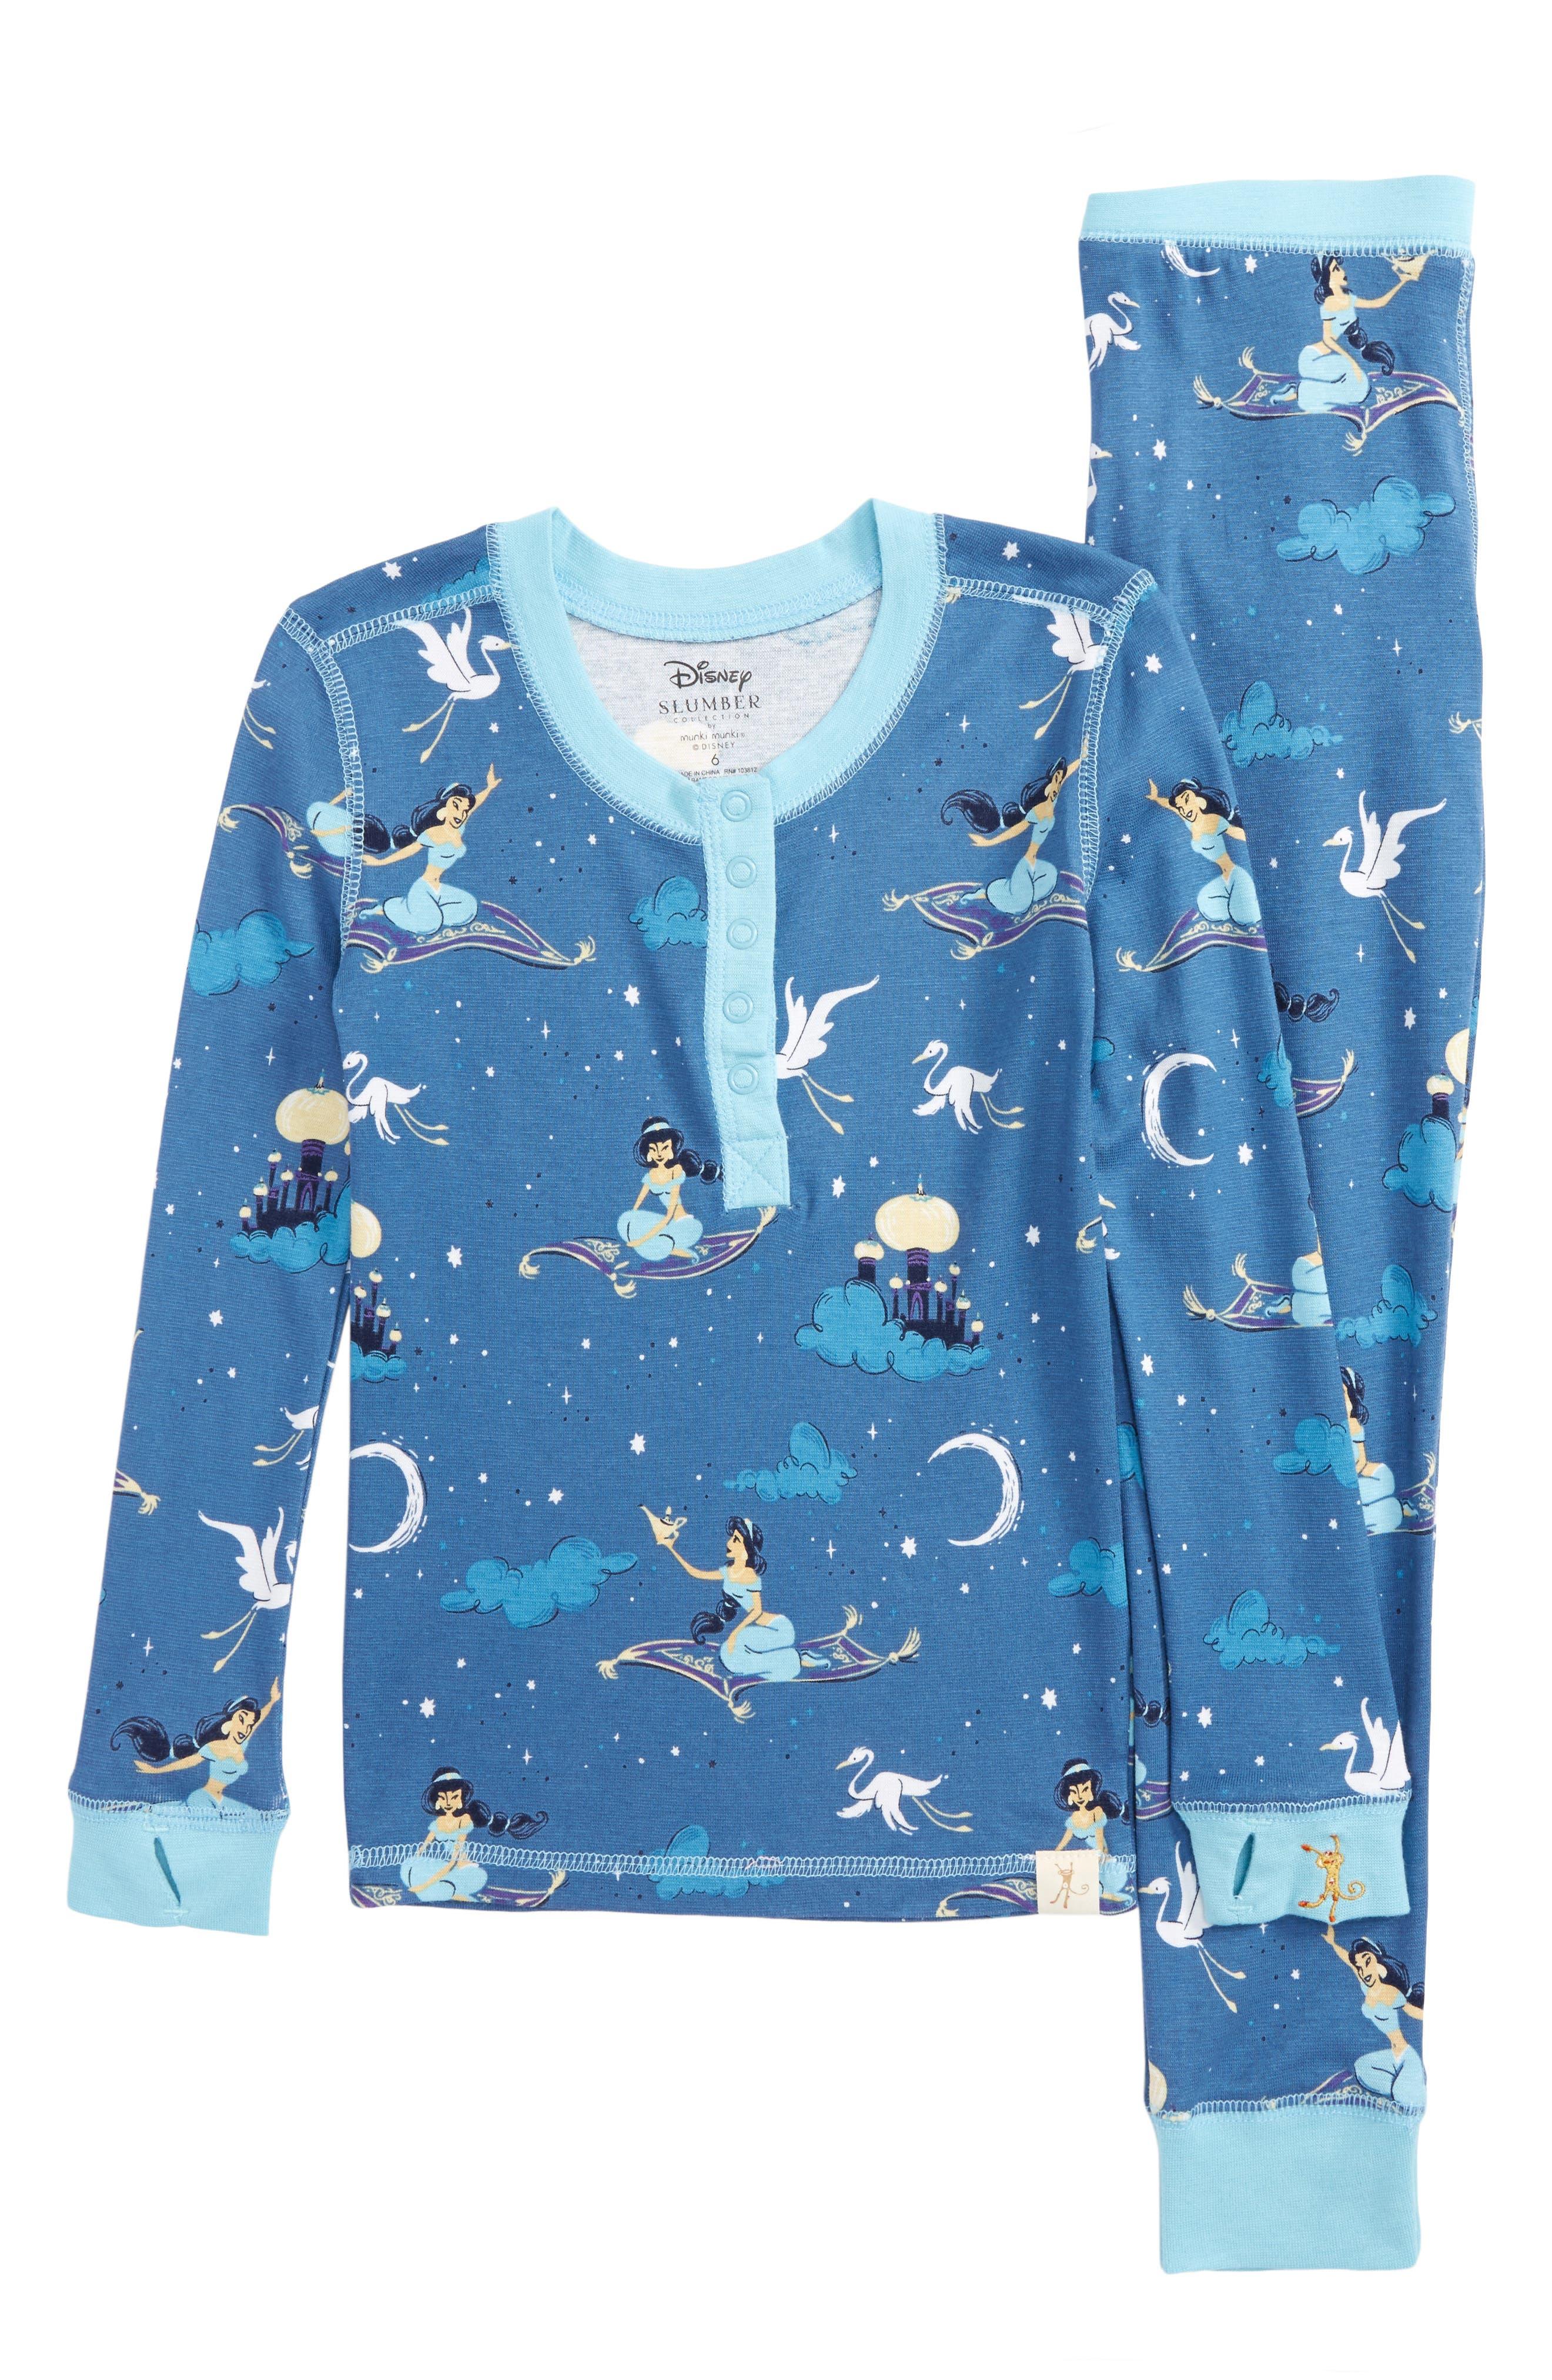 Disney – Princess Jasmine Fitted Two-Piece Pajamas,                             Main thumbnail 1, color,                             Navy Jasmine